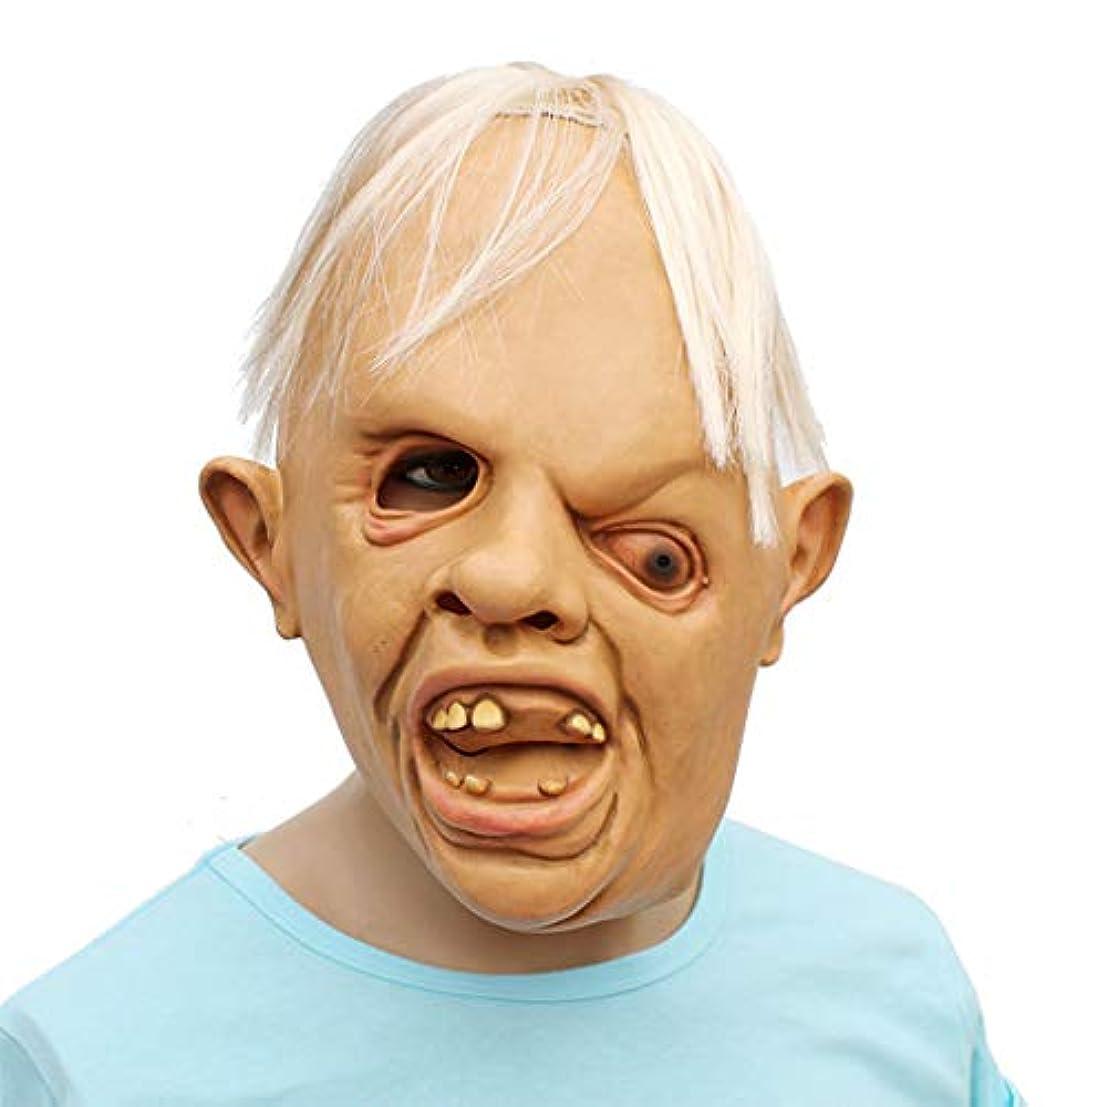 一後世ランドリーハロウィーンマスク、ラテックスマスク、不気味な怖いLaいレイジーマスクハロウィーンパーティーの衣装の装飾